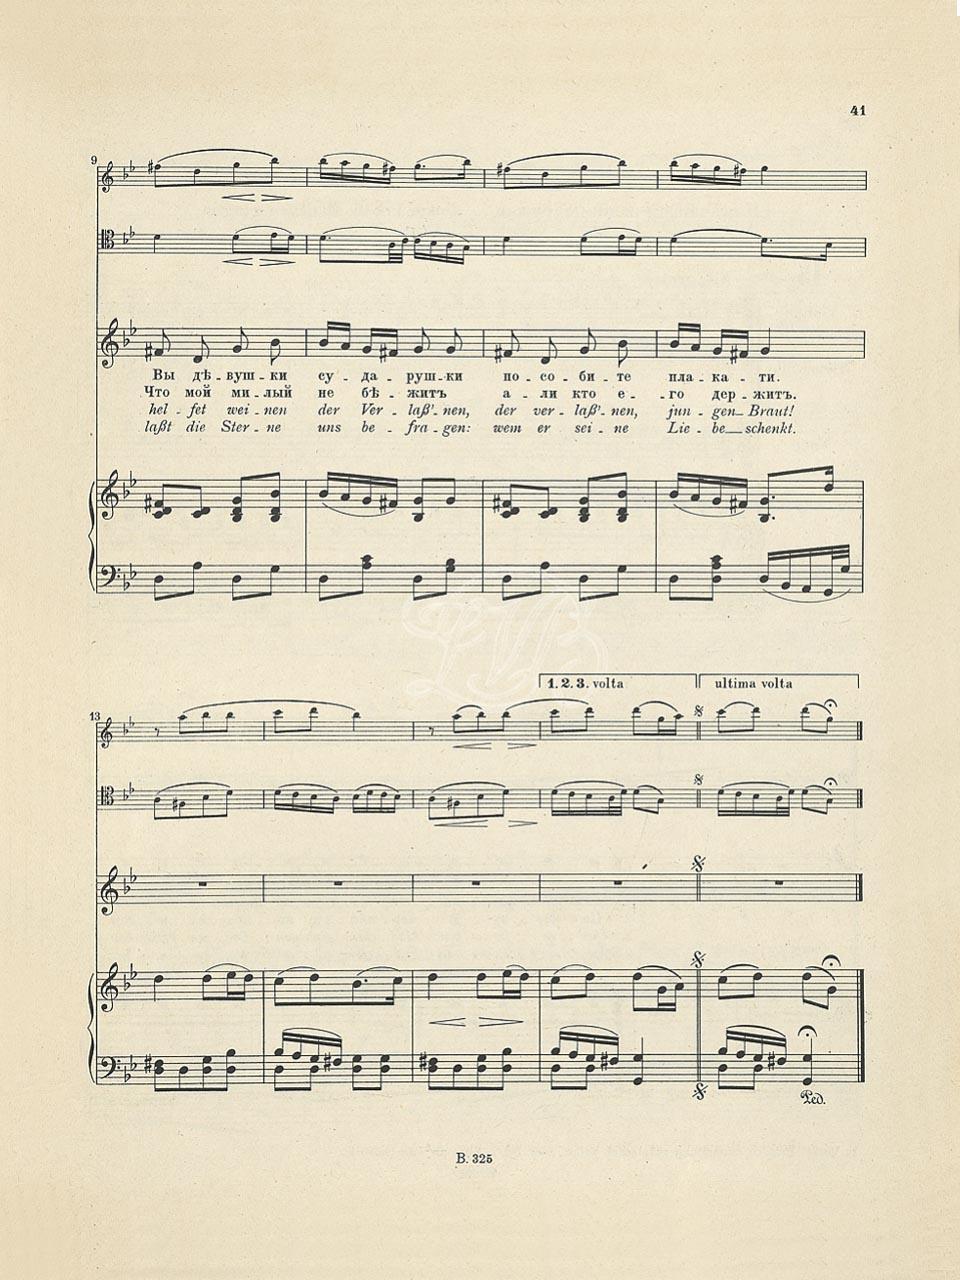 Л. ван Бетховен. Песня «Ах, реченьки, реченьки». Ноты для голоса, скрипки, виолончели и фортепиано